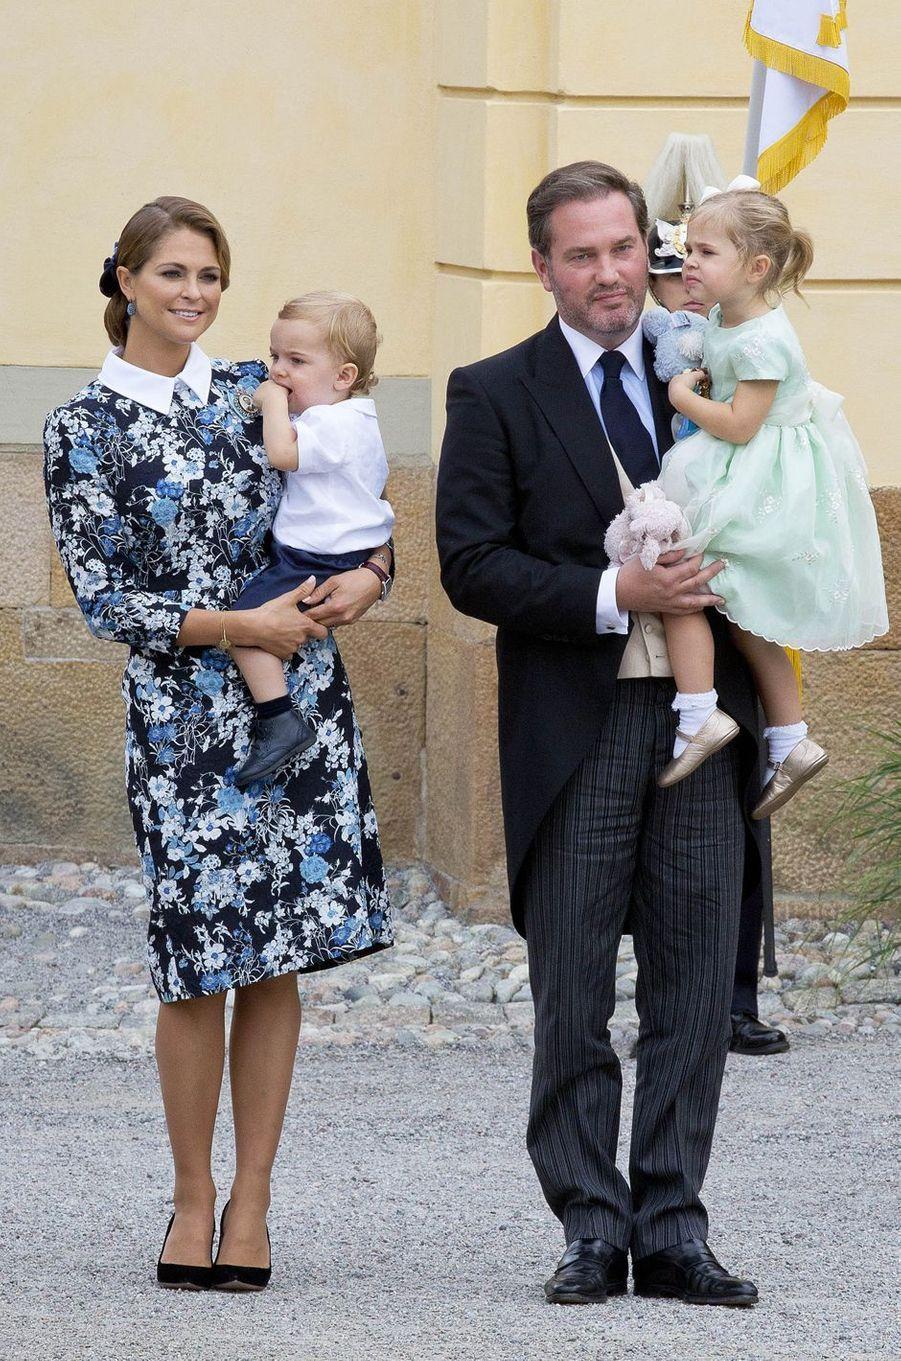 La princesse Madeleine de Suède avec son mari Christopher O'Neill et leurs enfants la princesse Leonore et le prince Nicolas, le 9 septembre 2016